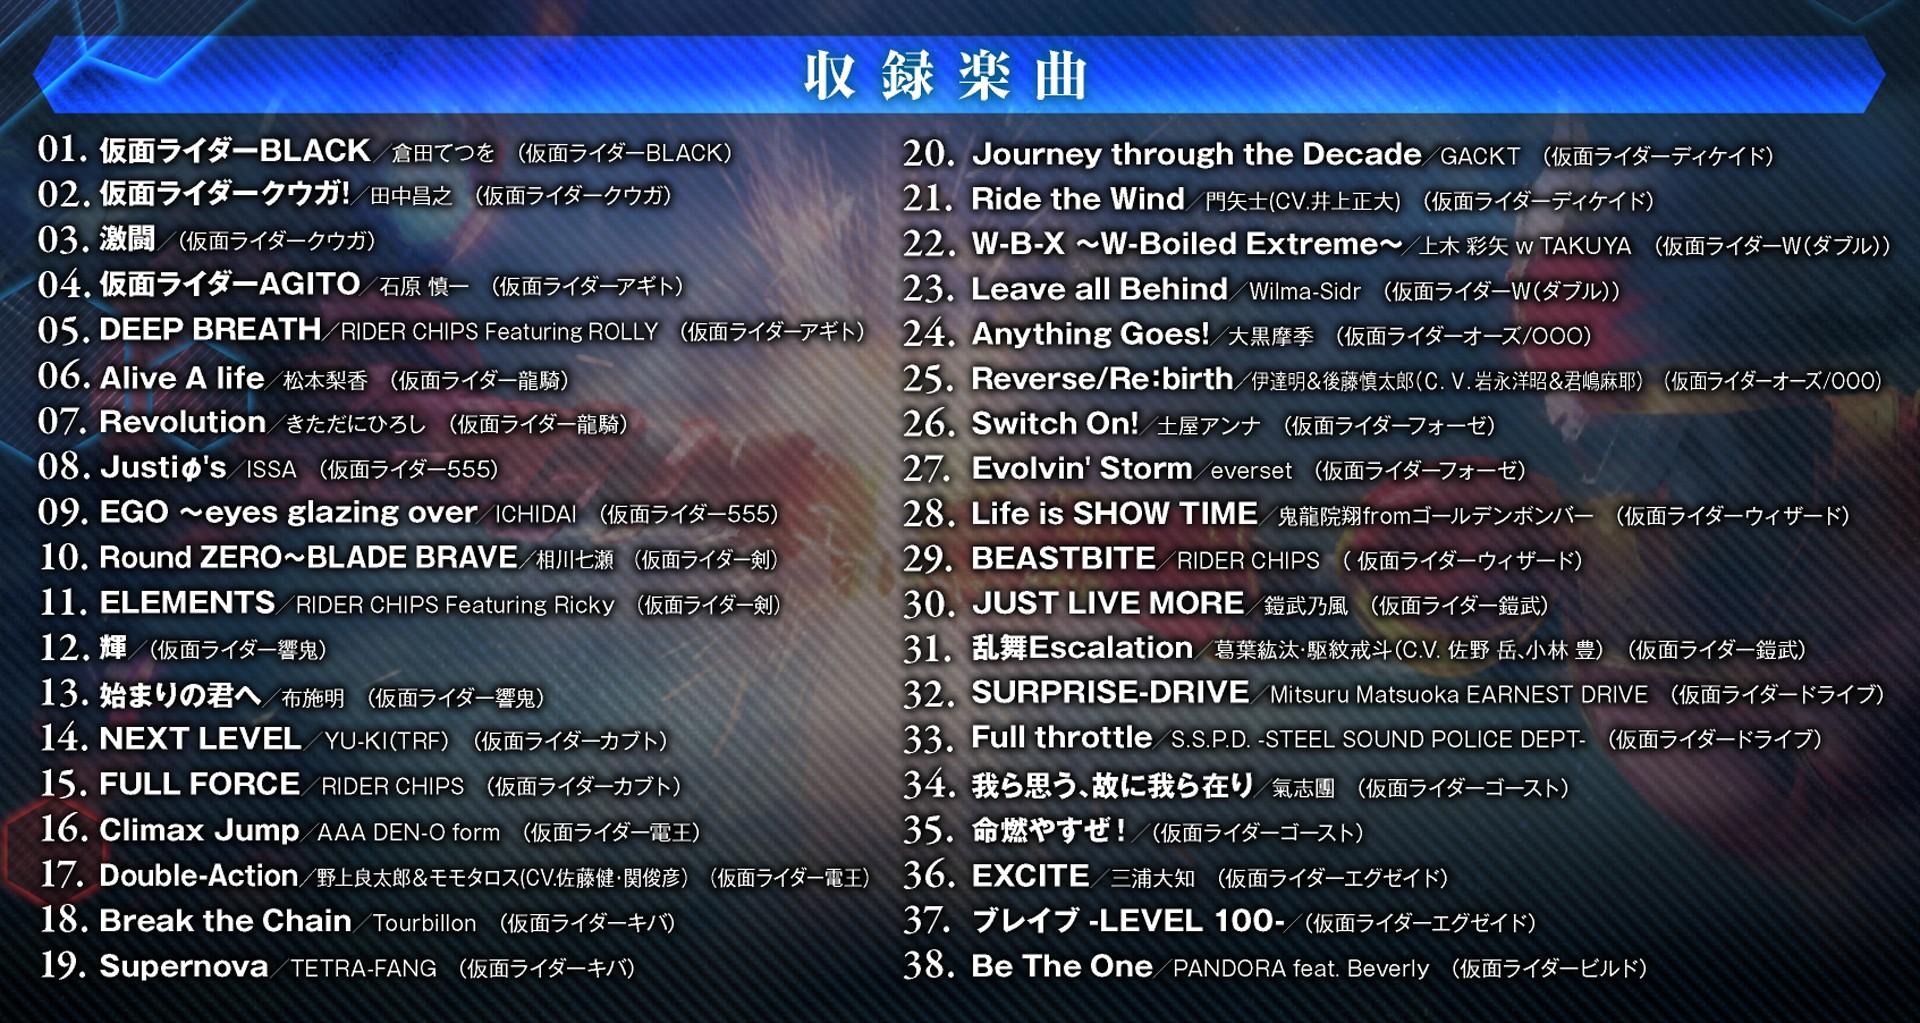 仮面ライダー クライマックスファイターズ_body_4